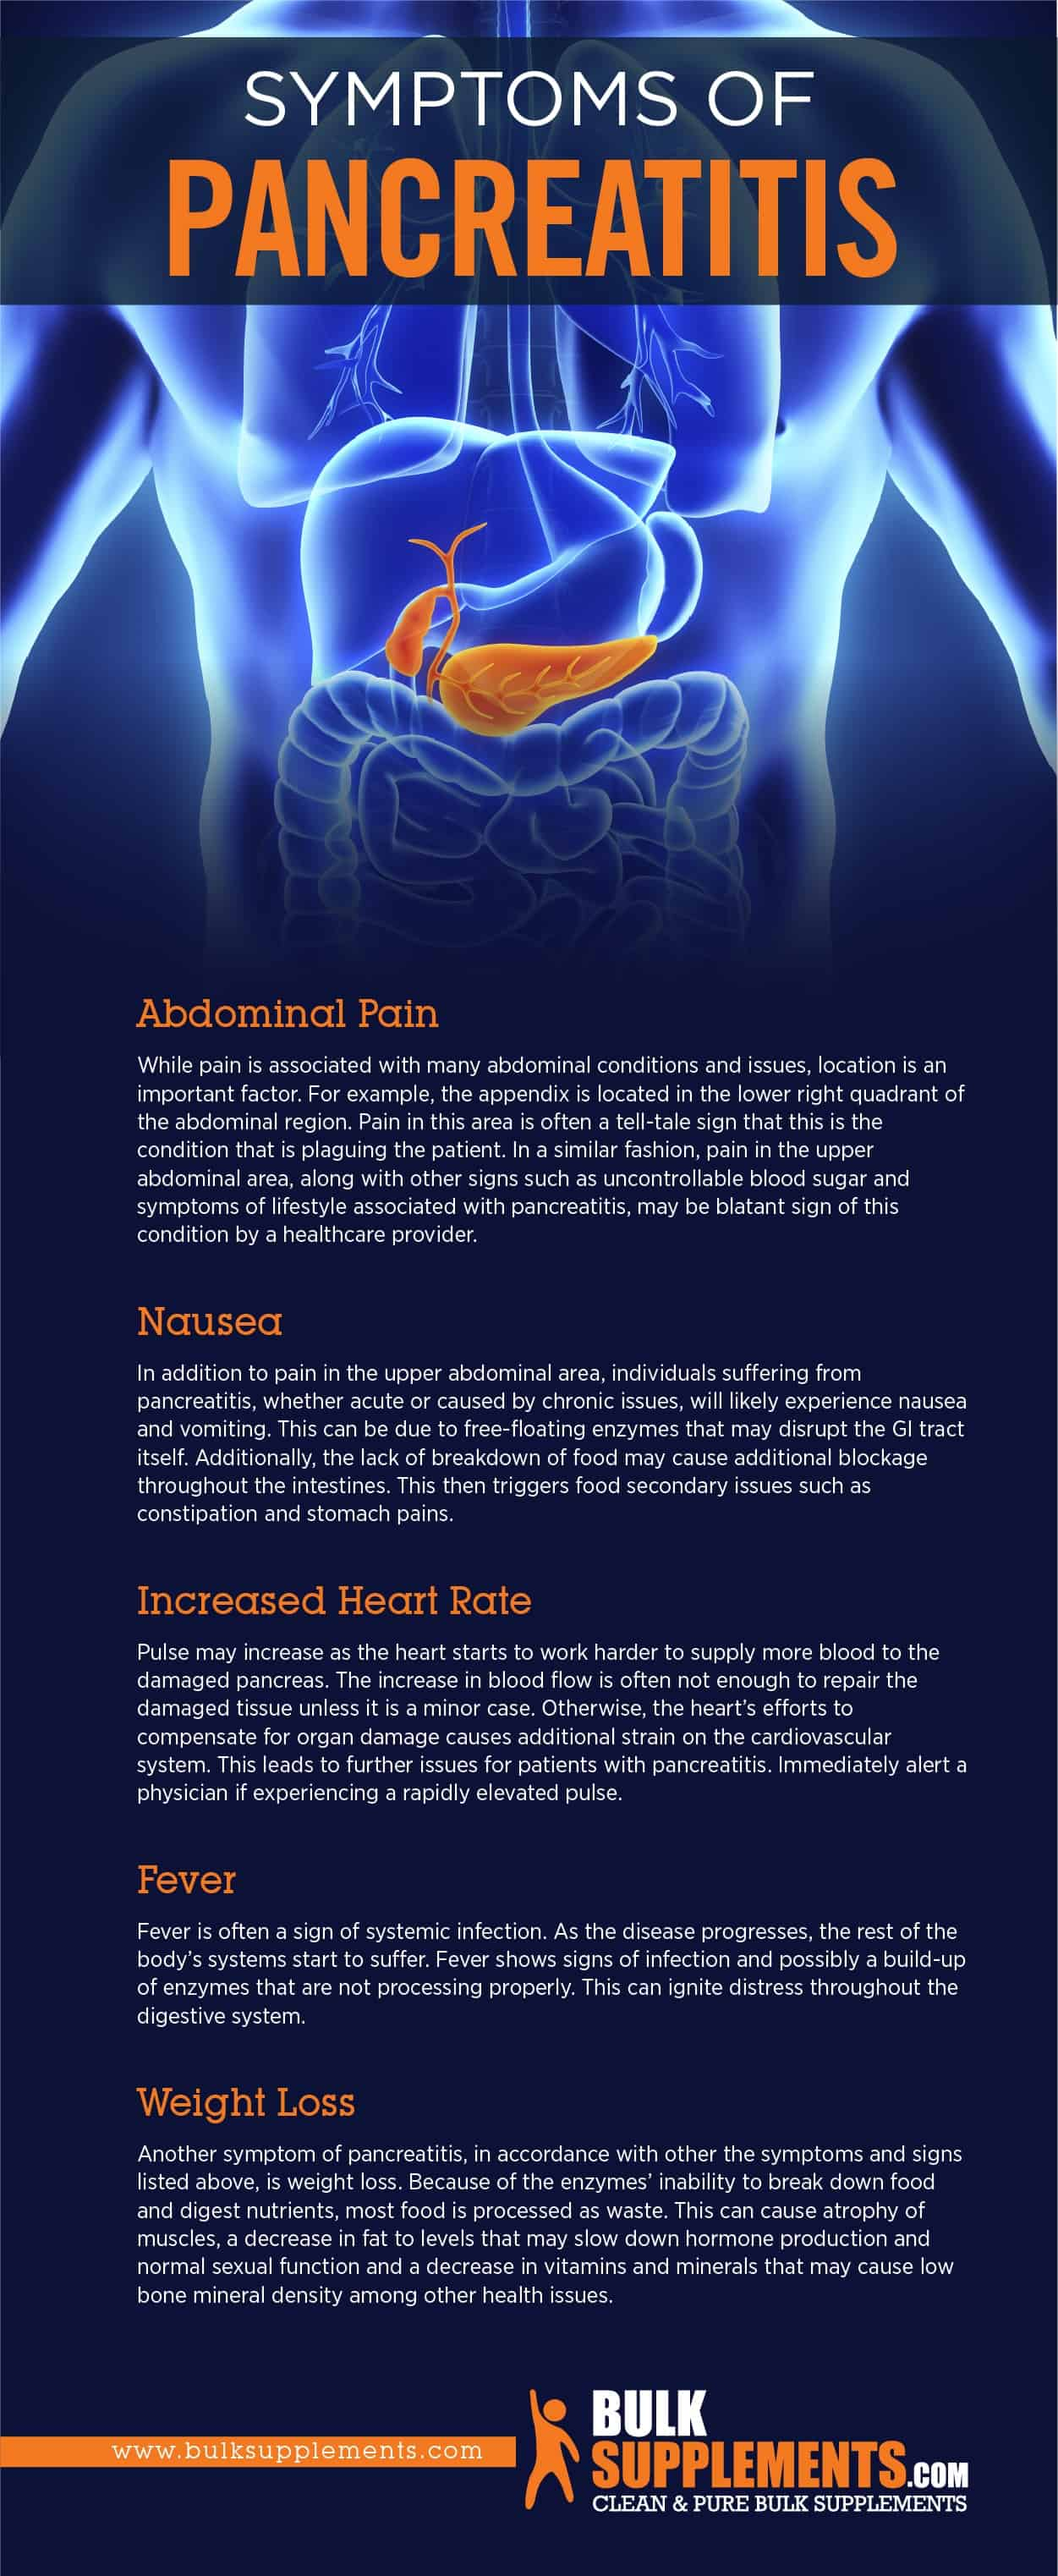 Symptoms of Pancreatitis